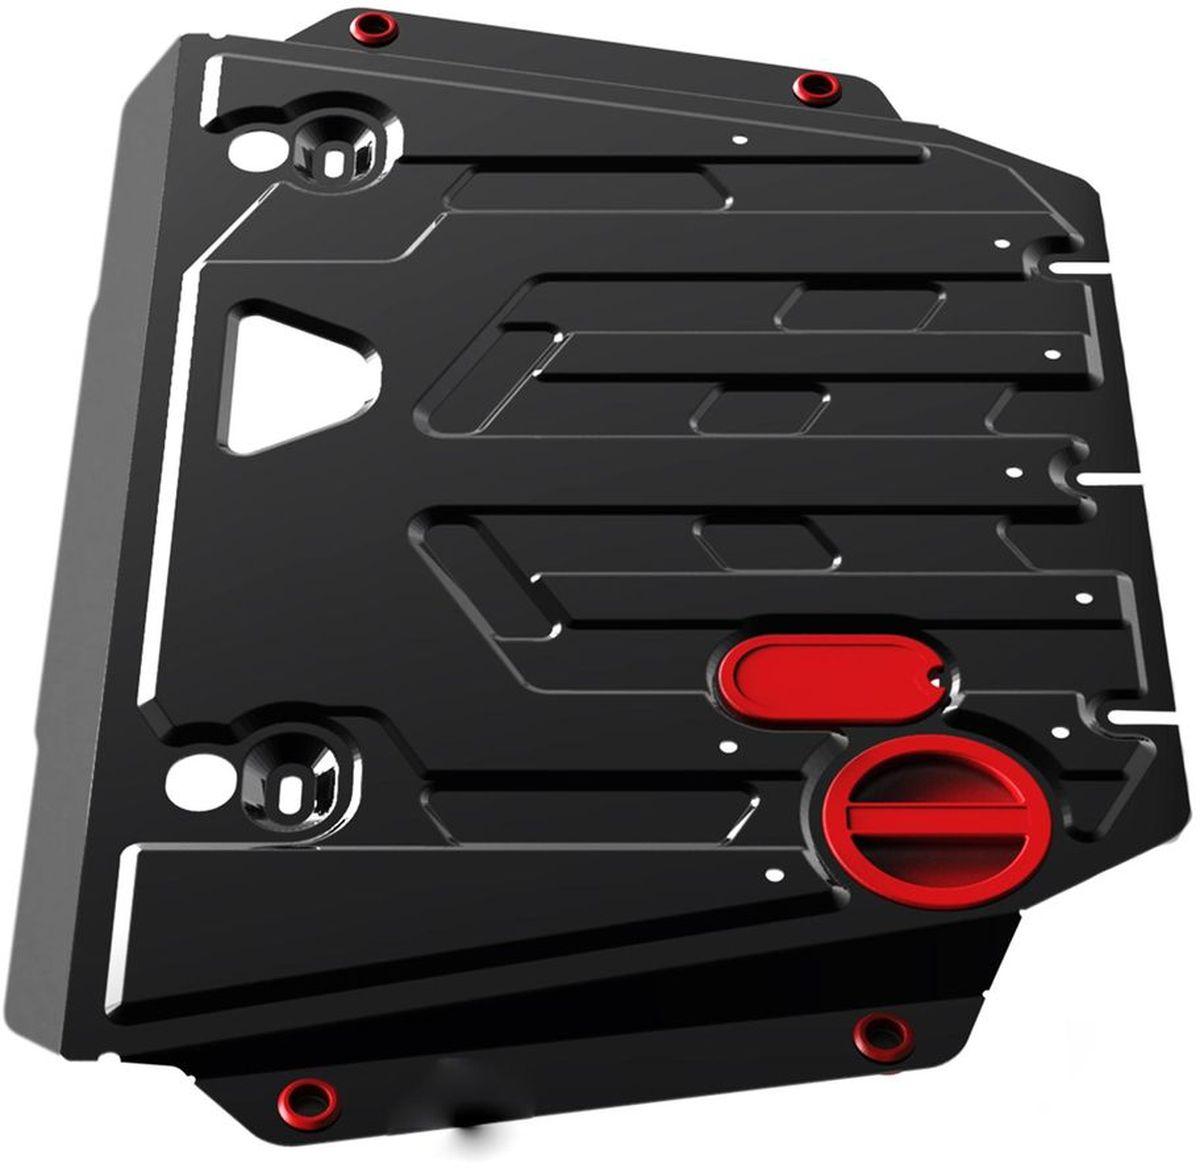 Защита картера и КПП Автоброня, для Toyota Camry V - все (1991-1996)1004900000360Технологически совершенный продукт за невысокую стоимость.Защита разработана с учетом особенностей днища автомобиля, что позволяет сохранить дорожный просвет с минимальным изменением.Защита устанавливается в штатные места кузова автомобиля. Глубокий штамп обеспечивает до двух раз больше жесткости в сравнении с обычной защитой той же толщины. Проштампованные ребра жесткости препятствуют деформации защиты при ударах.Тепловой зазор и вентиляционные отверстия обеспечивают сохранение температурного режима двигателя в норме. Скрытый крепеж предотвращает срыв крепежных элементов при наезде на препятствие.Шумопоглощающие резиновые элементы обеспечивают комфортную езду без вибраций и скрежета металла, а съемные лючки для слива масла и замены фильтра - экономию средств и время.Конструкция изделия не влияет на пассивную безопасность автомобиля (при ударе защита не воздействует на деформационные зоны кузова). Со штатным крепежом. В комплекте инструкция по установке.Толщина стали: 2 мм.Уважаемые клиенты!Обращаем ваше внимание, что элемент защиты имеет форму, соответствующую модели данного автомобиля. Фото служит для визуального восприятия товара и может отличаться от фактического.